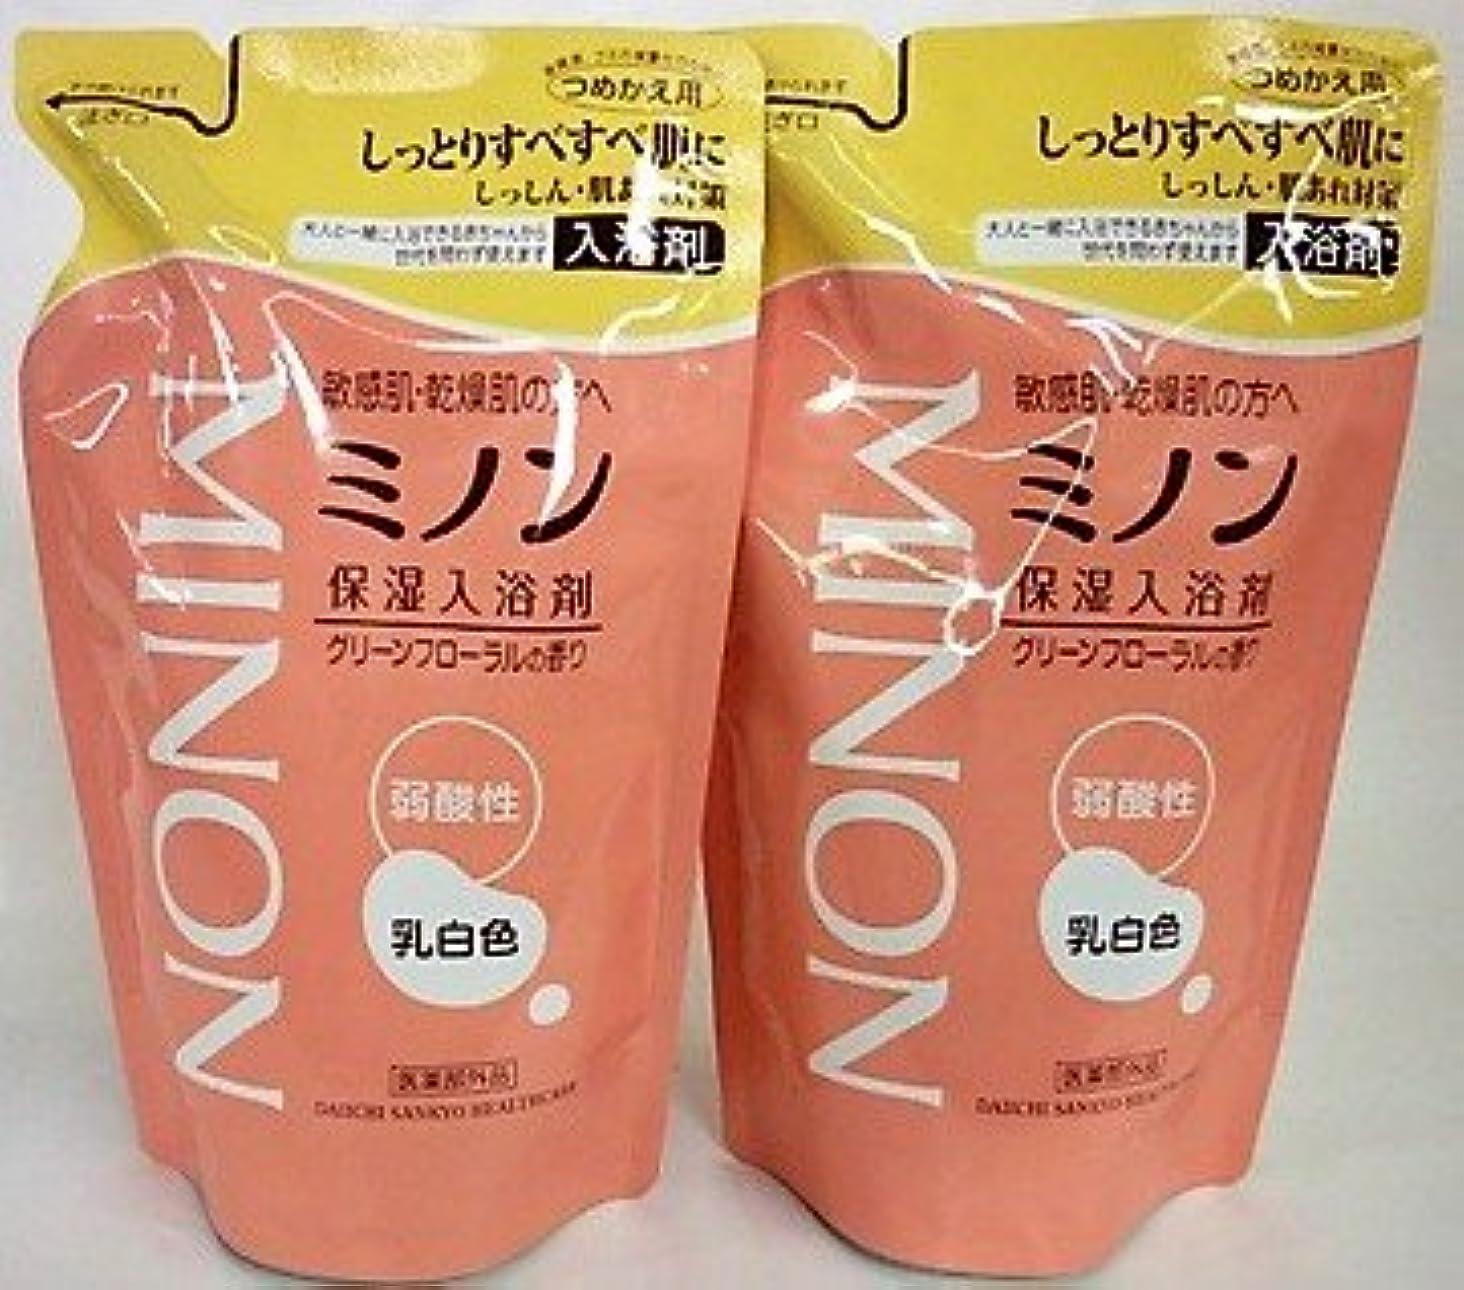 氏玉石[2個セット]ミノン 薬用保湿入浴剤 詰替 400mL入り×2個